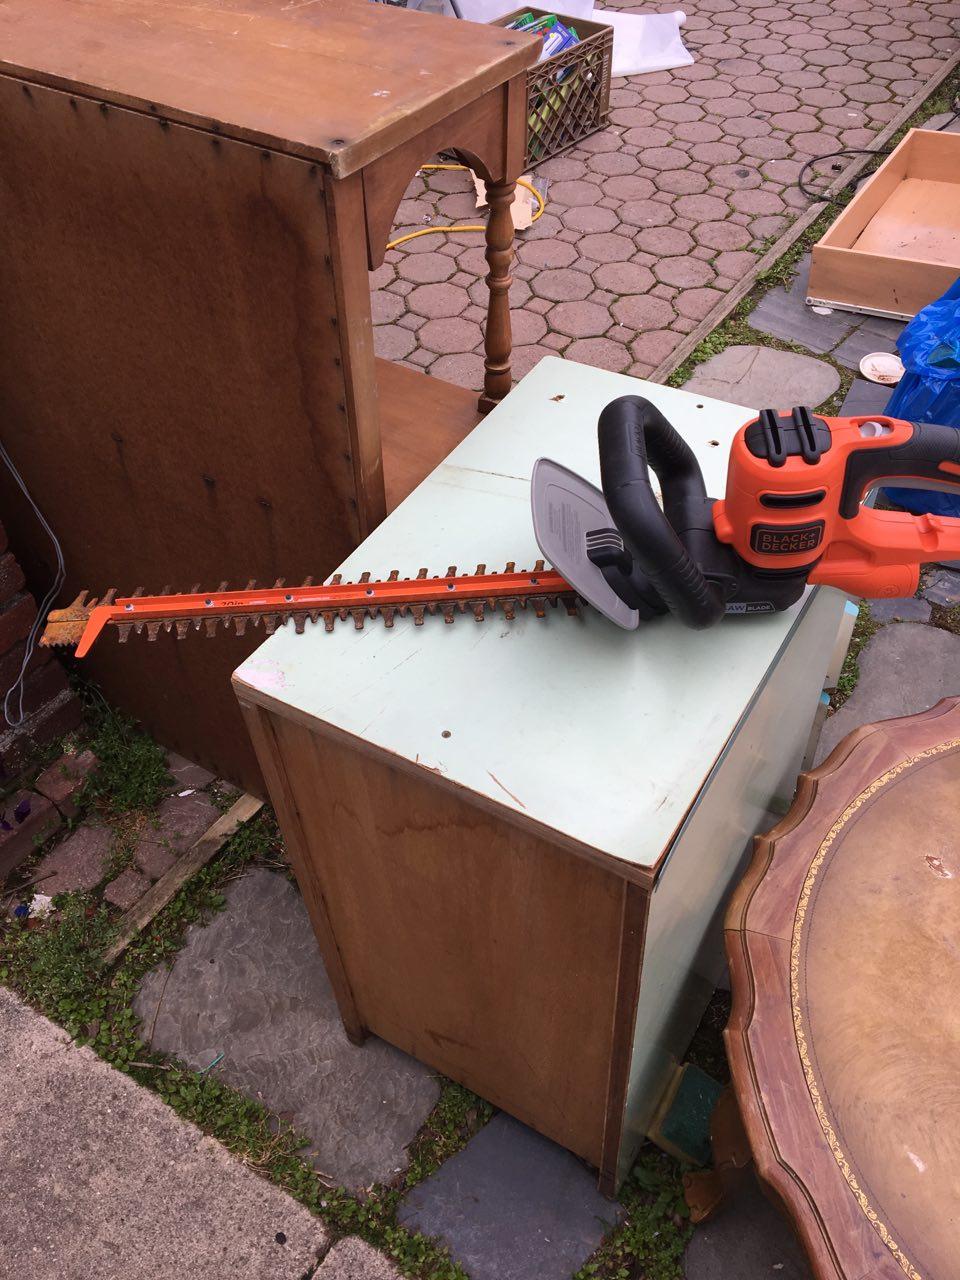 修剪樹葉機 $15 聯繫電話 :347-200-6594